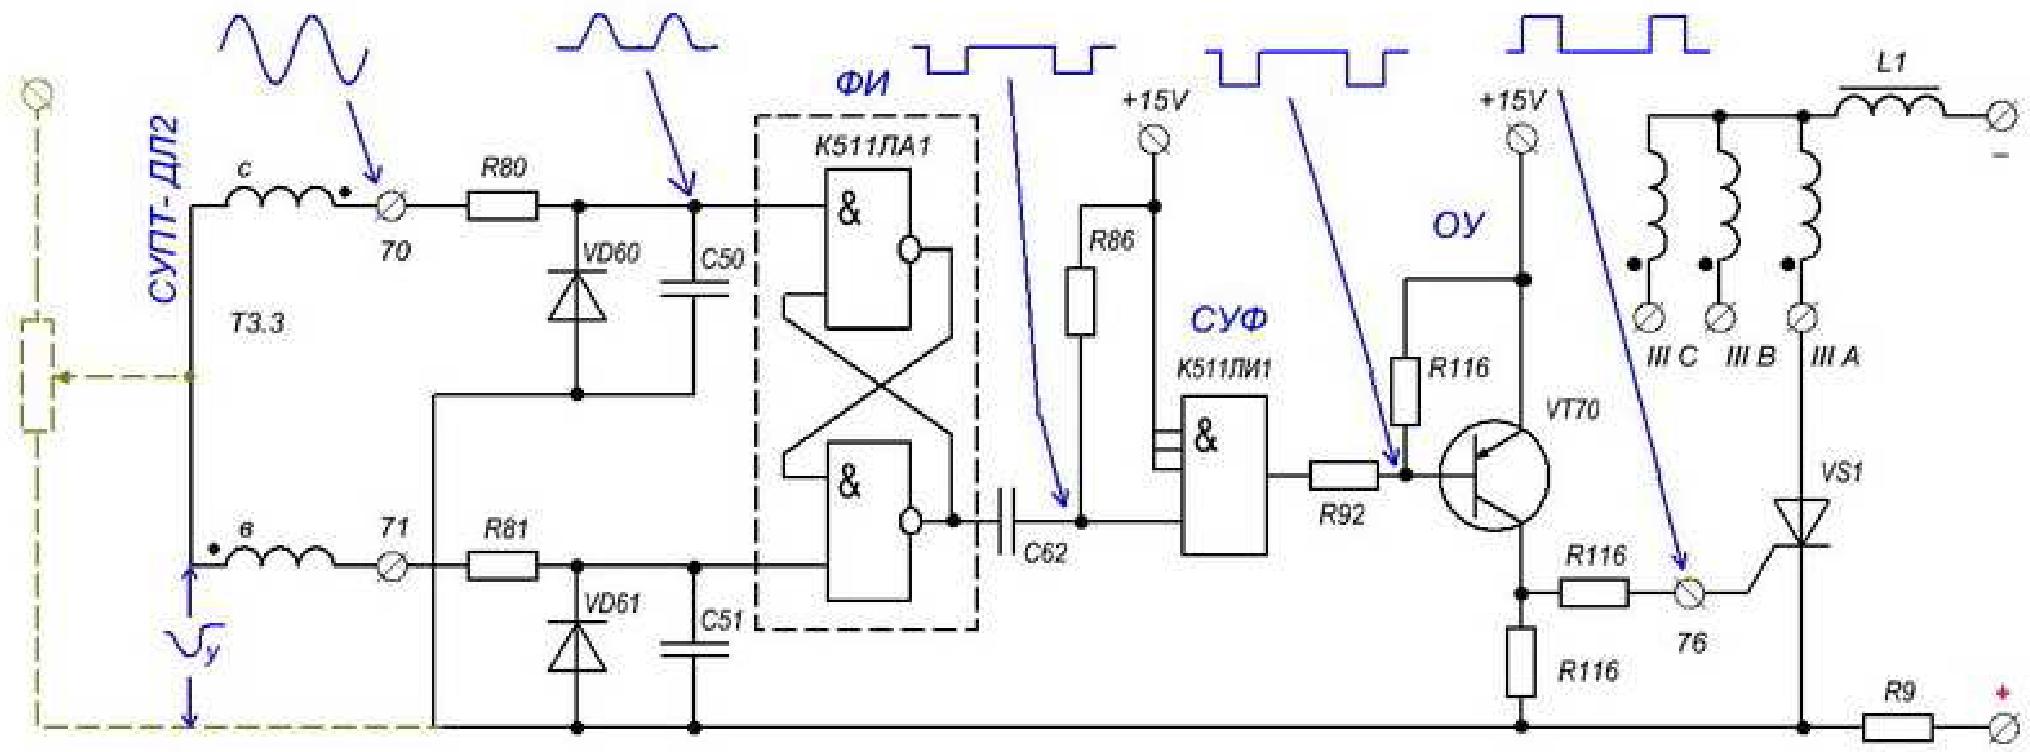 Схема сварочного агрегата сак